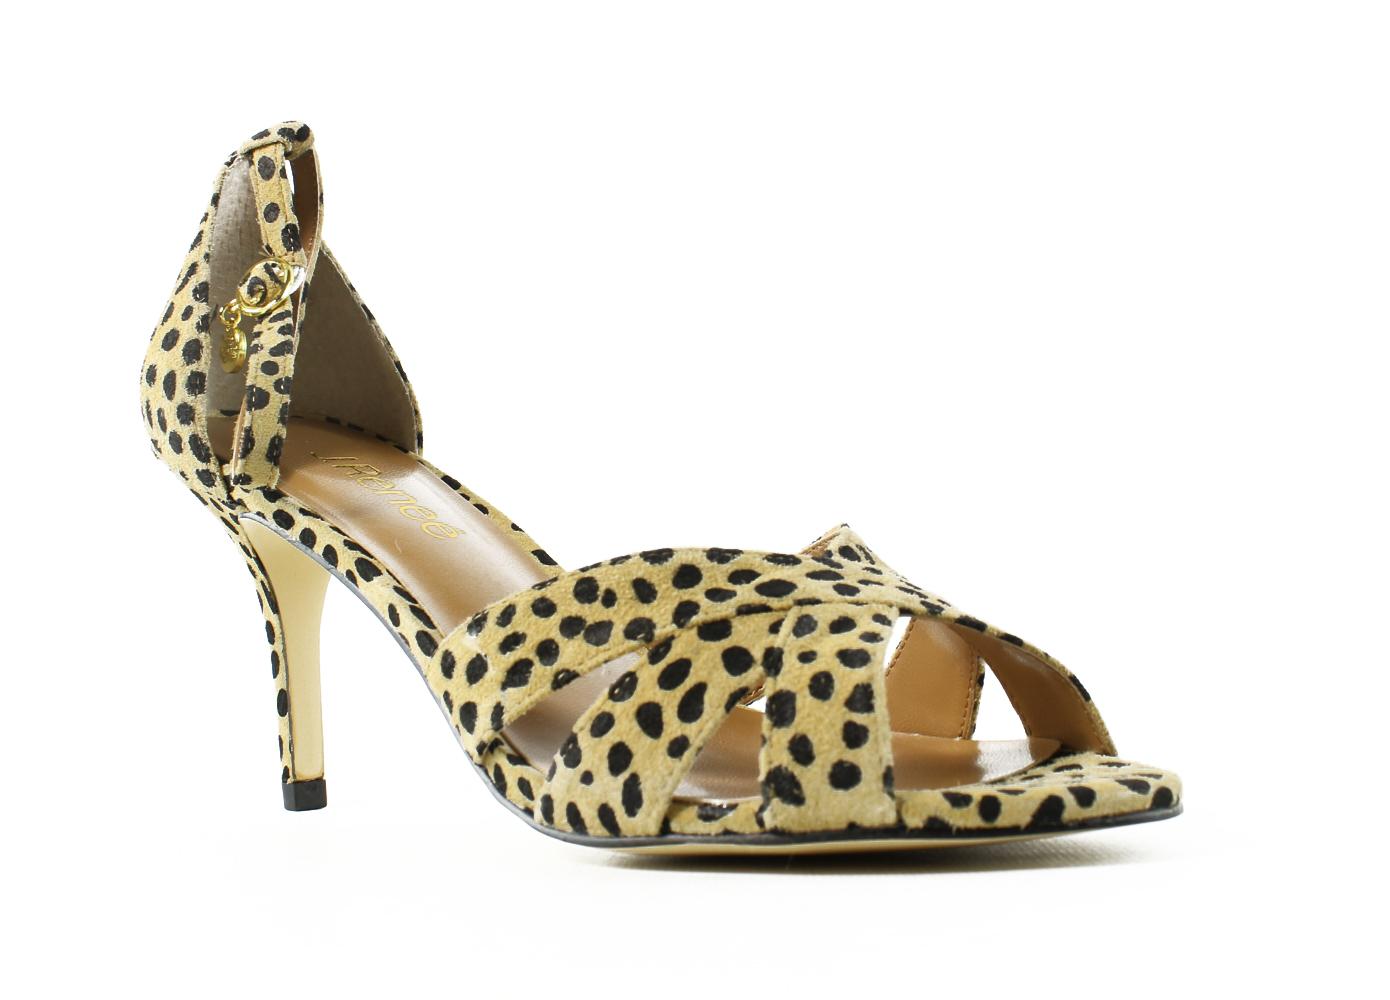 New J. Renee Womens Brown Ankle Strap Heels Size 7.5 by J. Renee